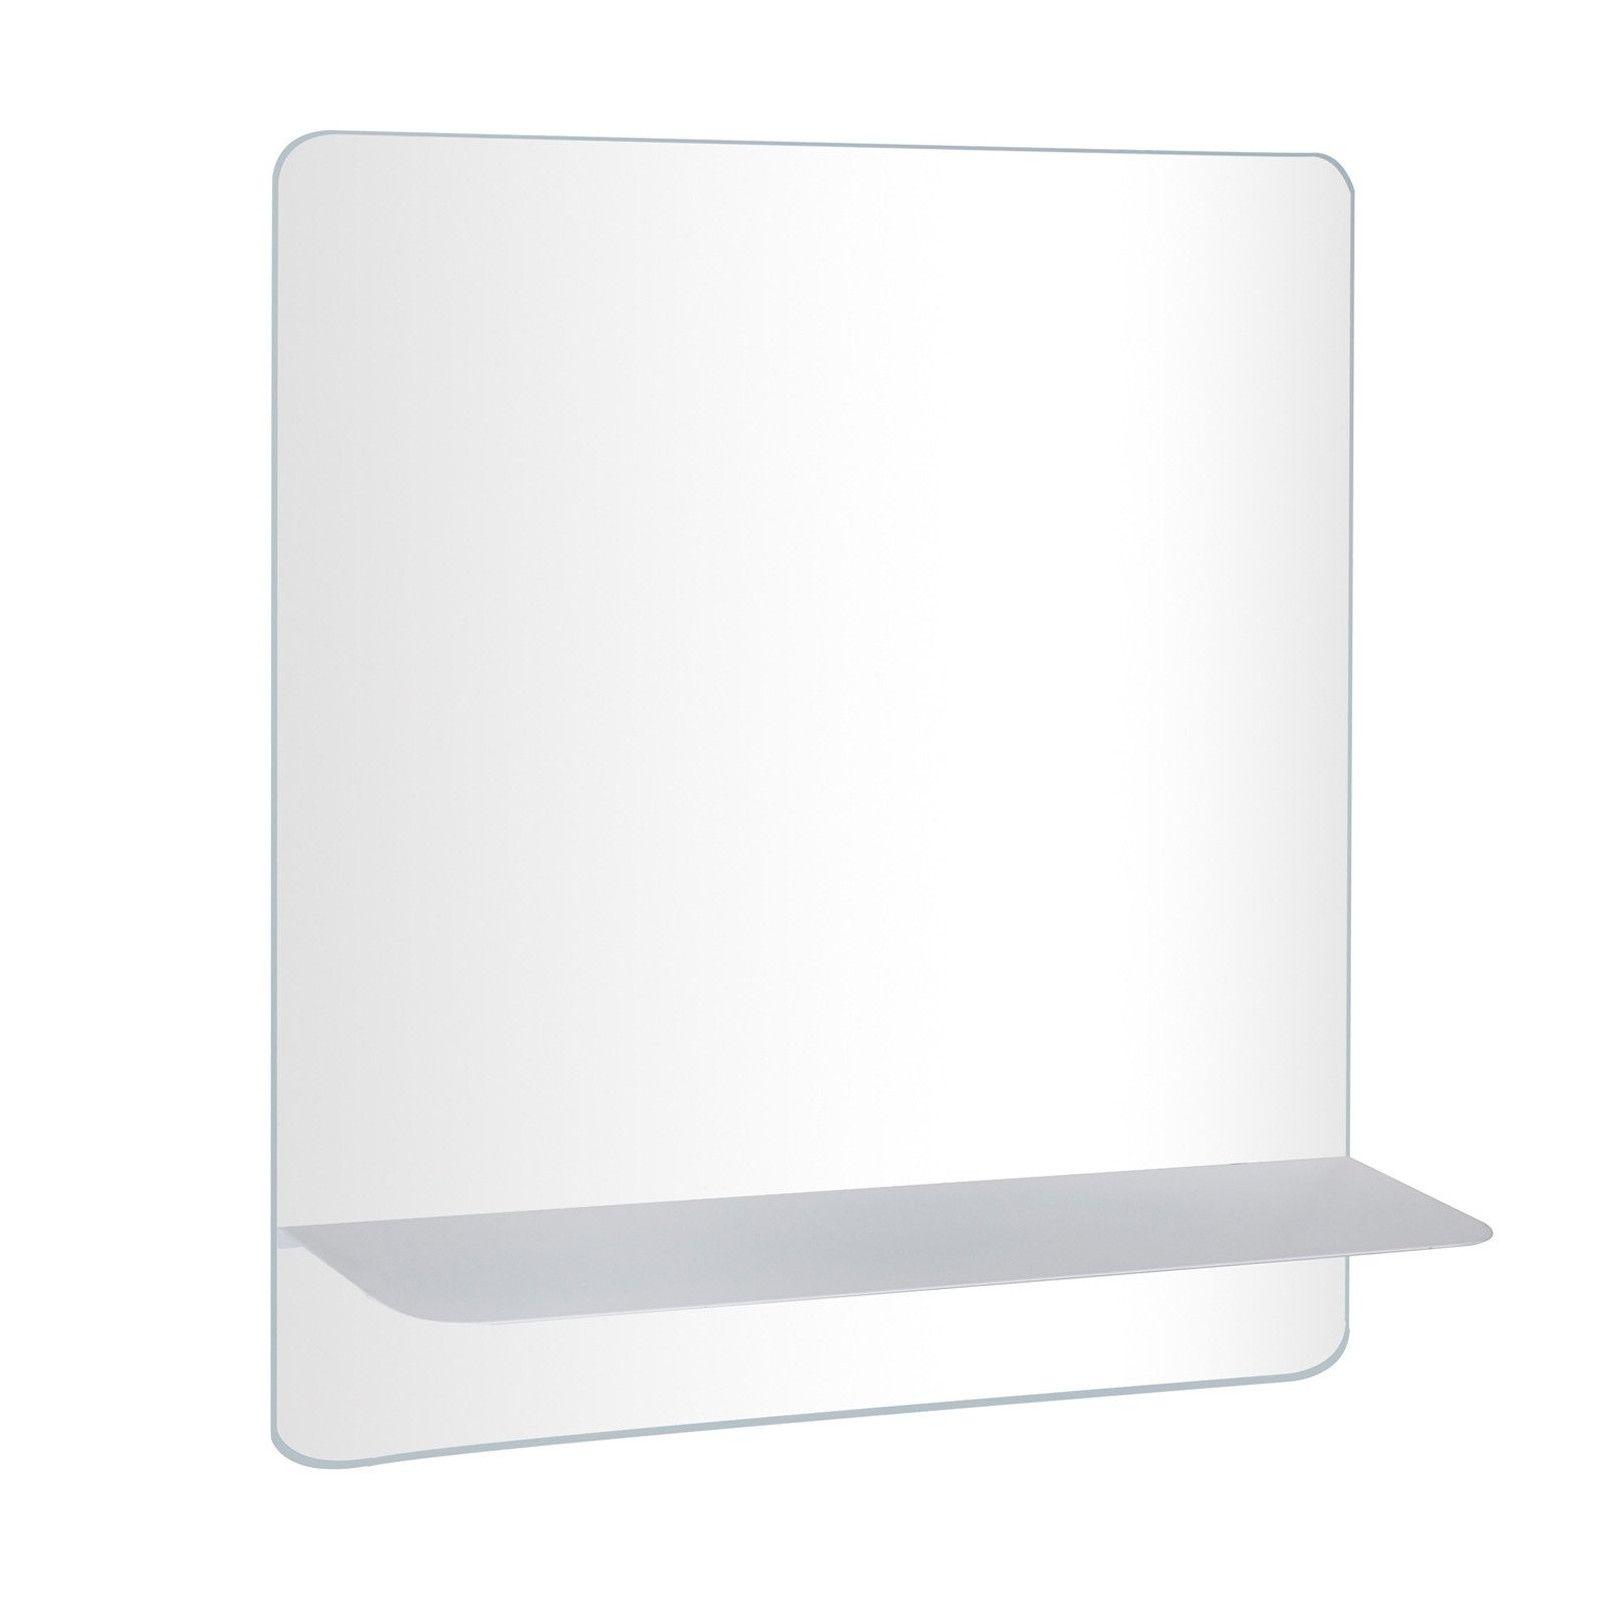 Ensemble de Salle de Bain WILL - Plan suspendu 60 cm + Equerres invisibles + Vasque + Miroir